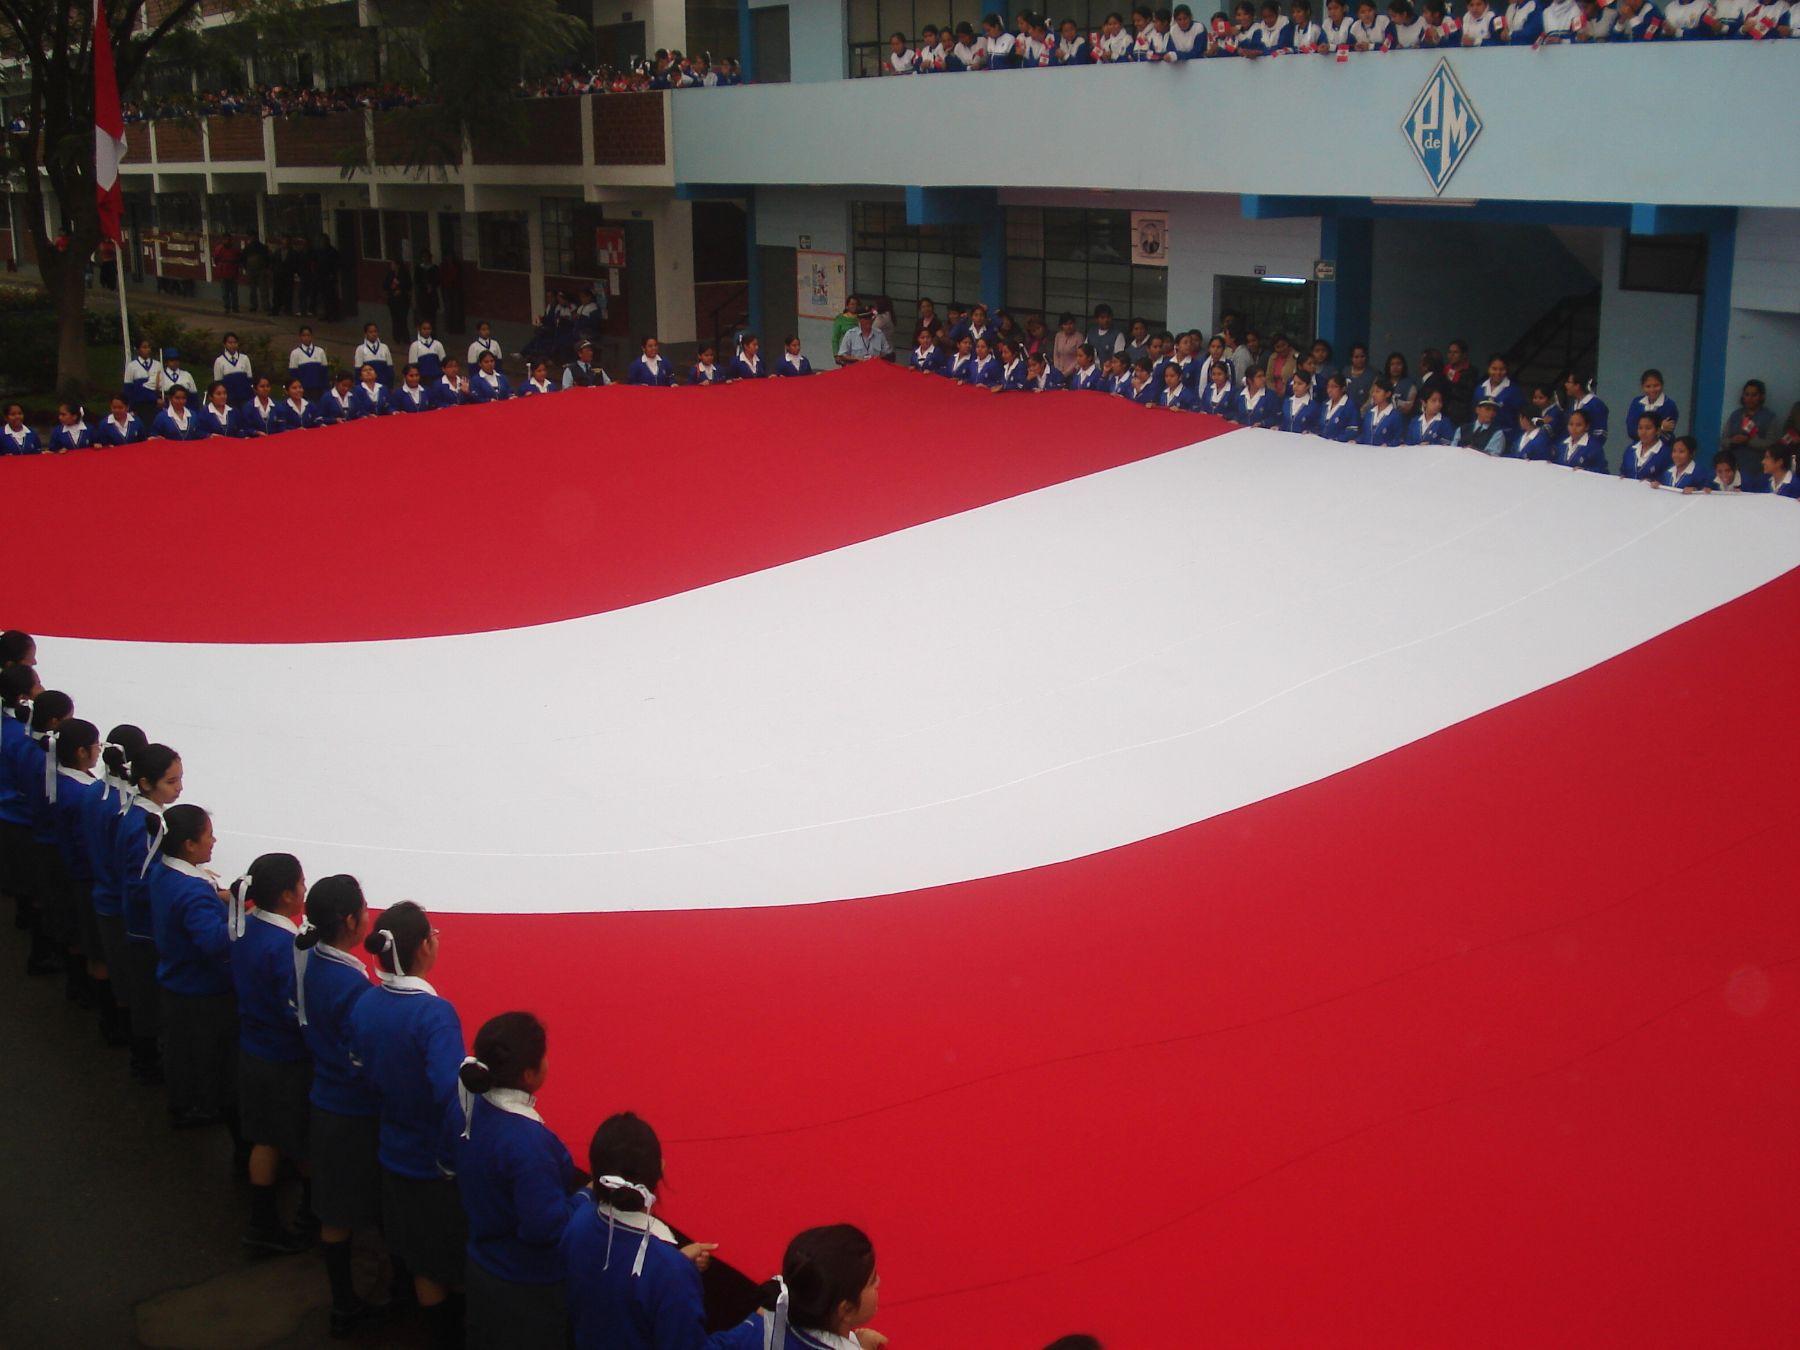 En Comas se exhibió la bandera más grande del país.